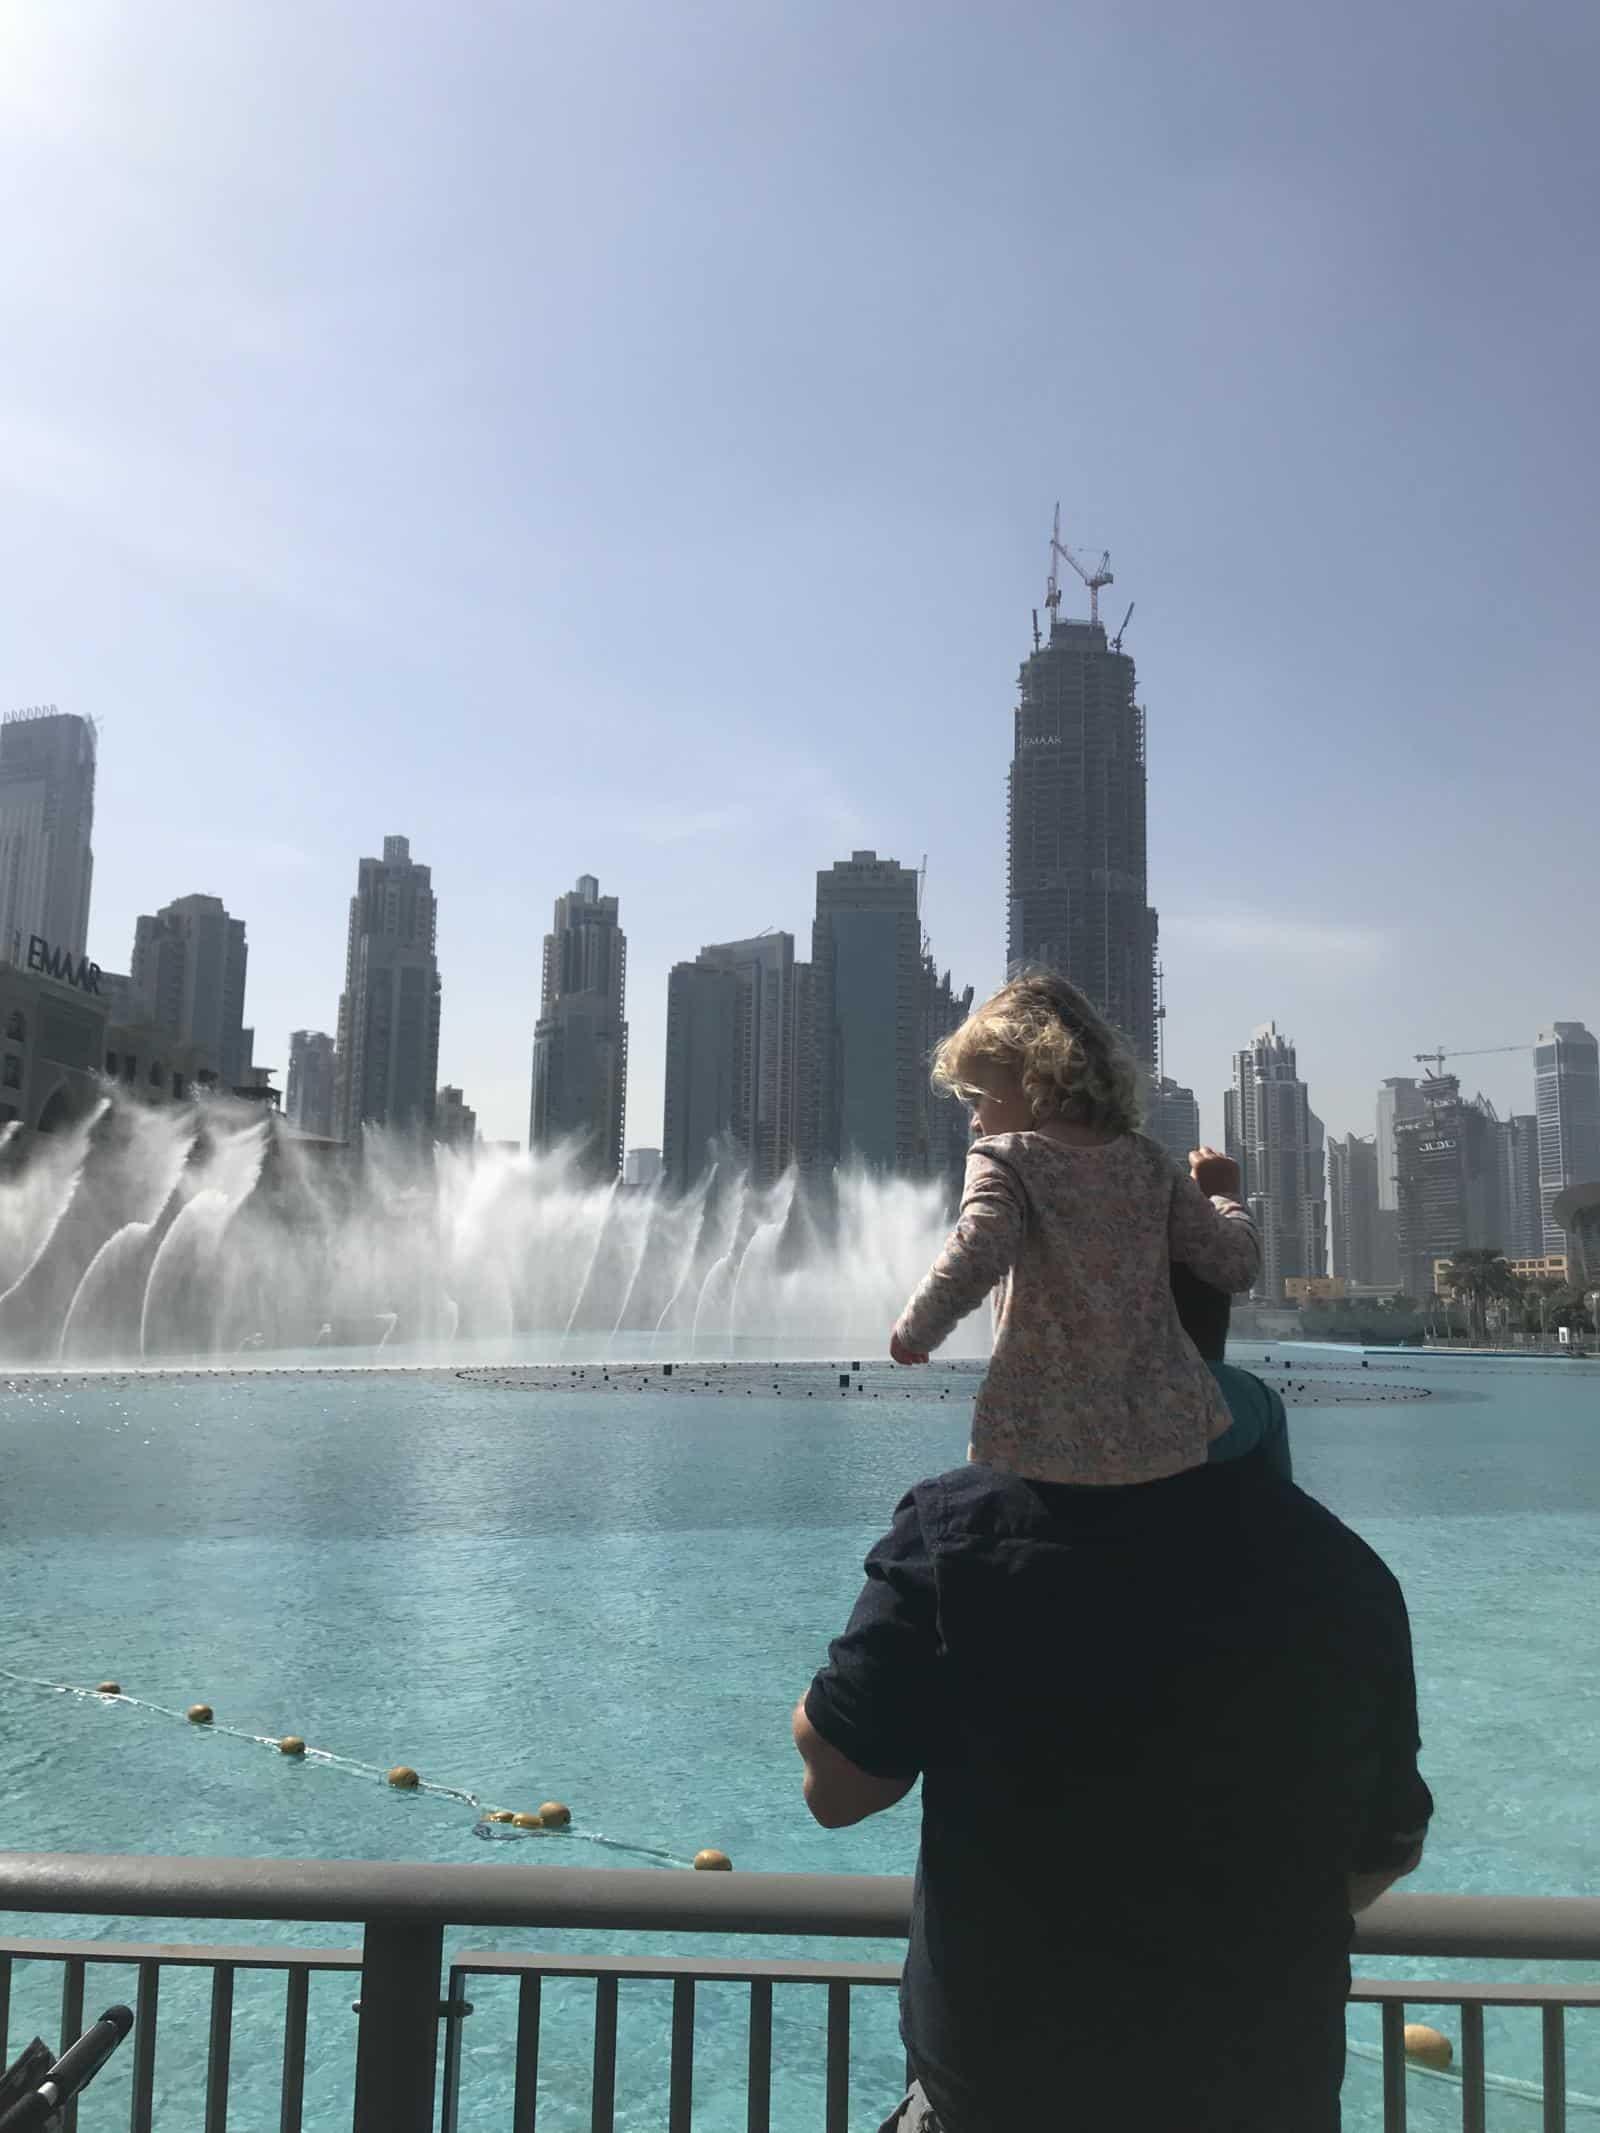 Dubai Fountains - Must for dubai with a baby